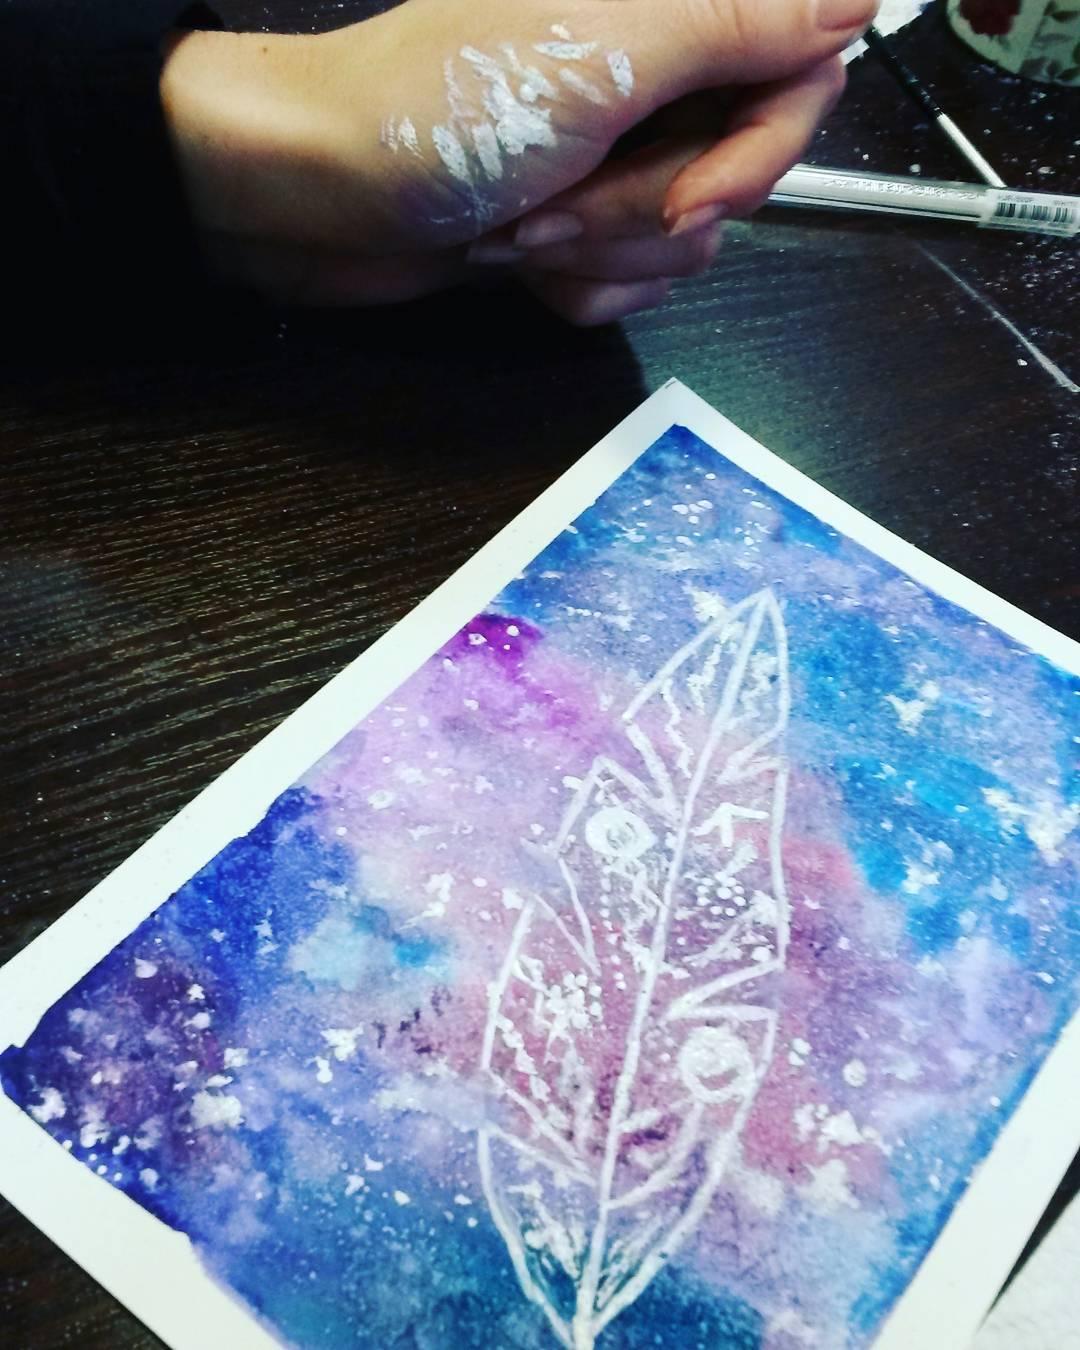 Анна Поповская - художник, дизайнер и сладкоежка. Интервью на leffka.ru